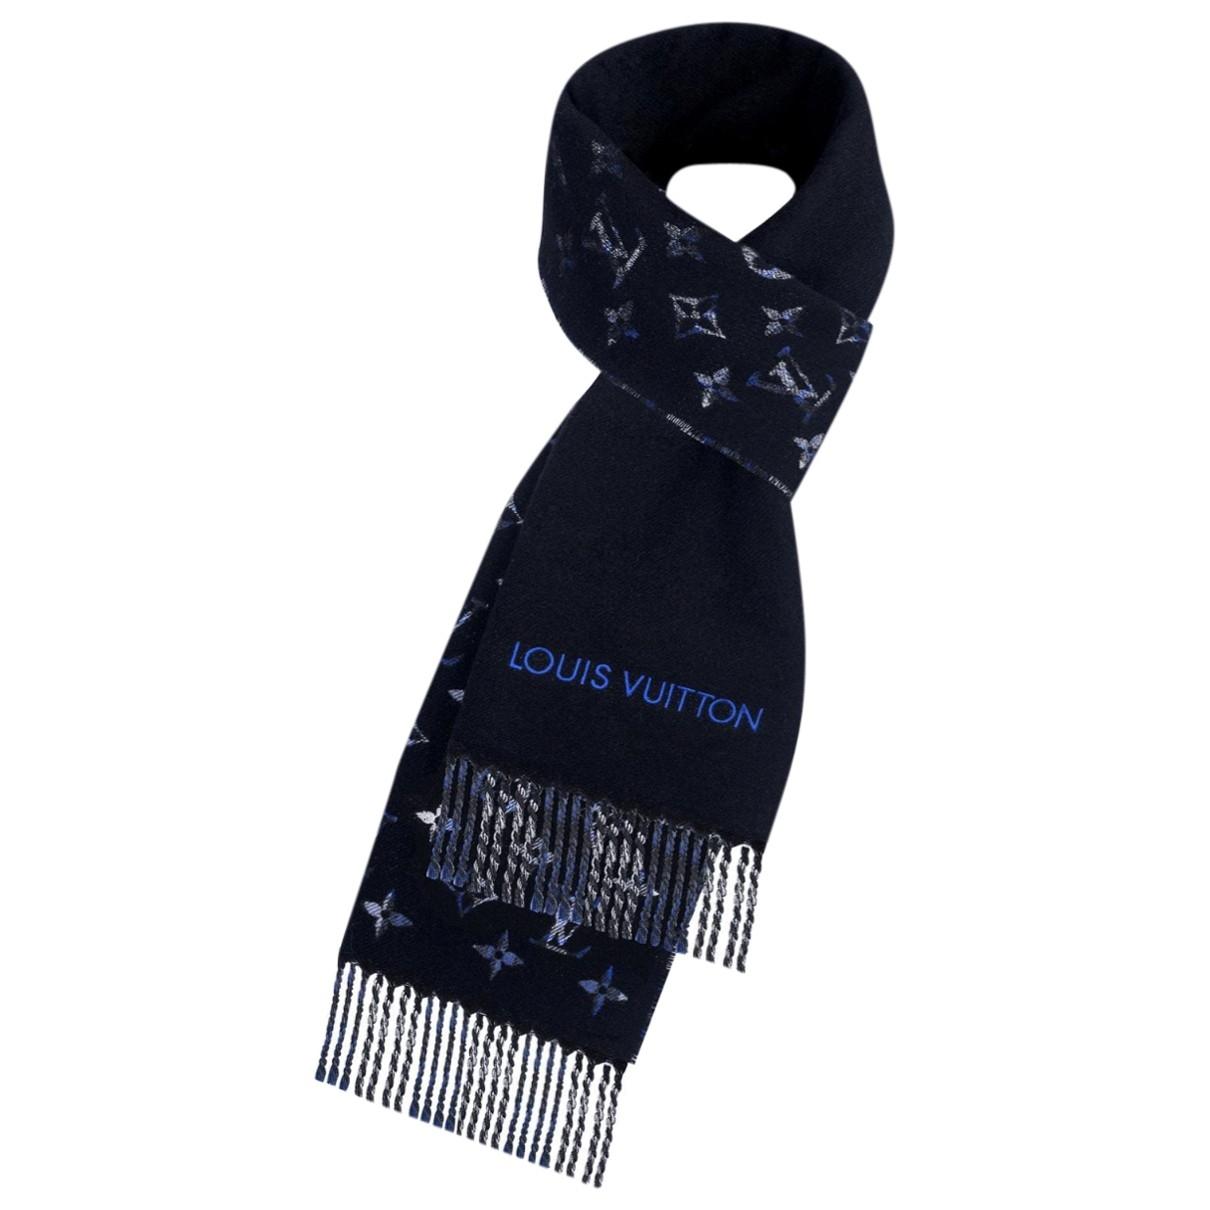 Louis Vuitton - Cheches.Echarpes   pour homme en cachemire - bleu